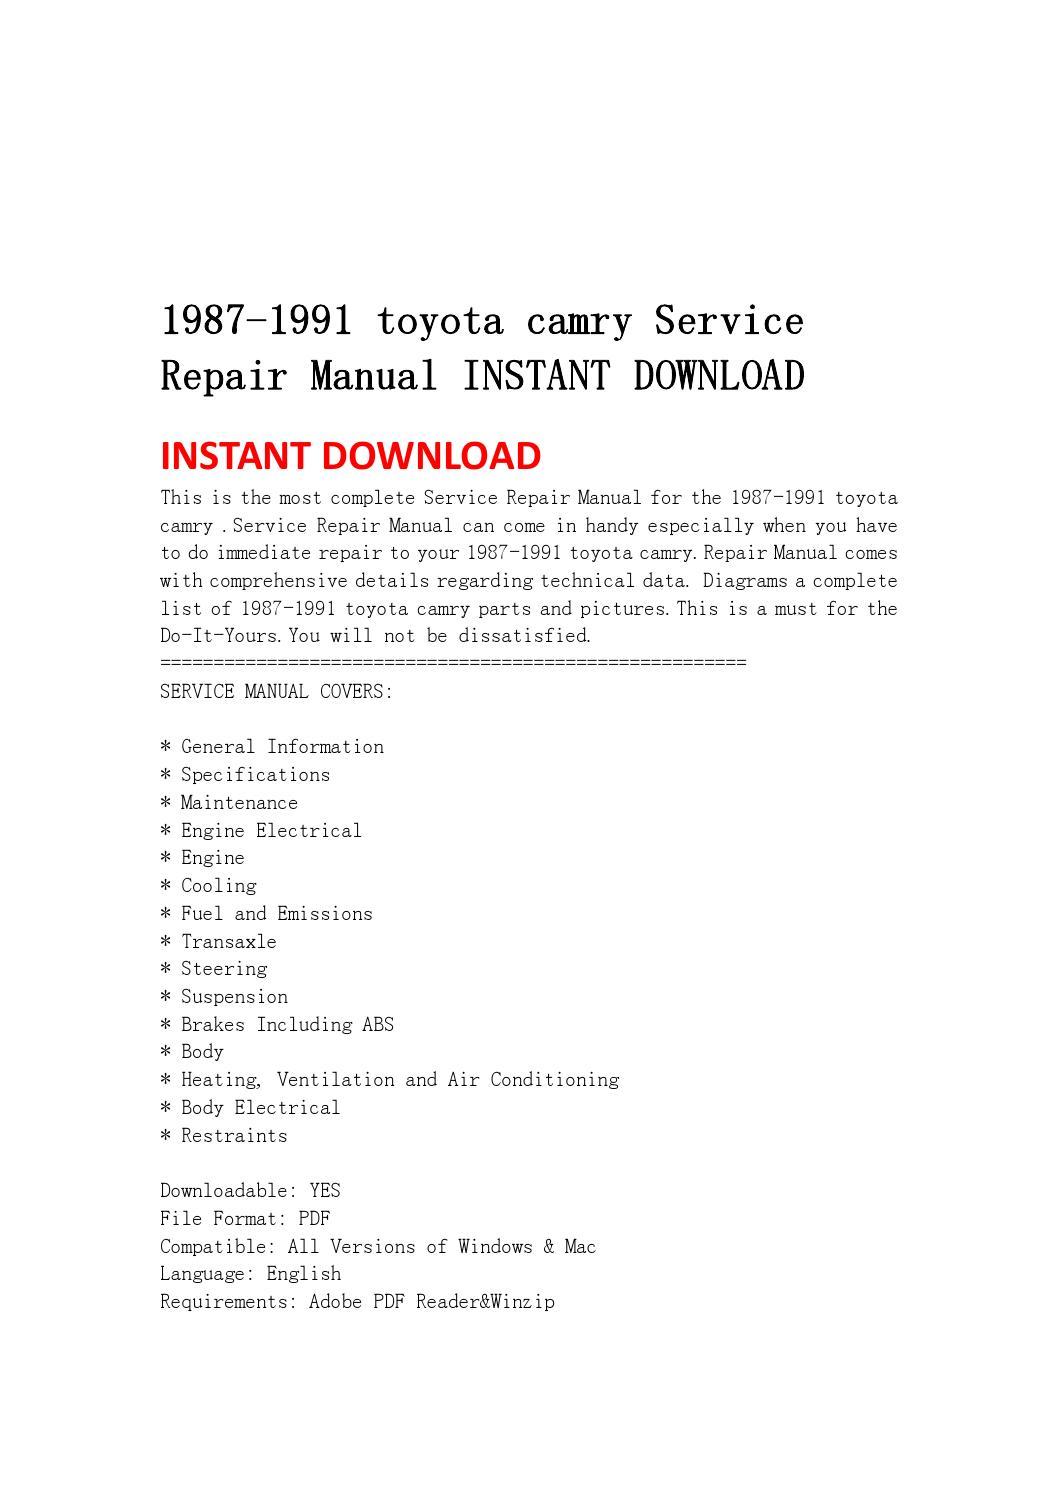 1999 toyota camry repair manual pdf download